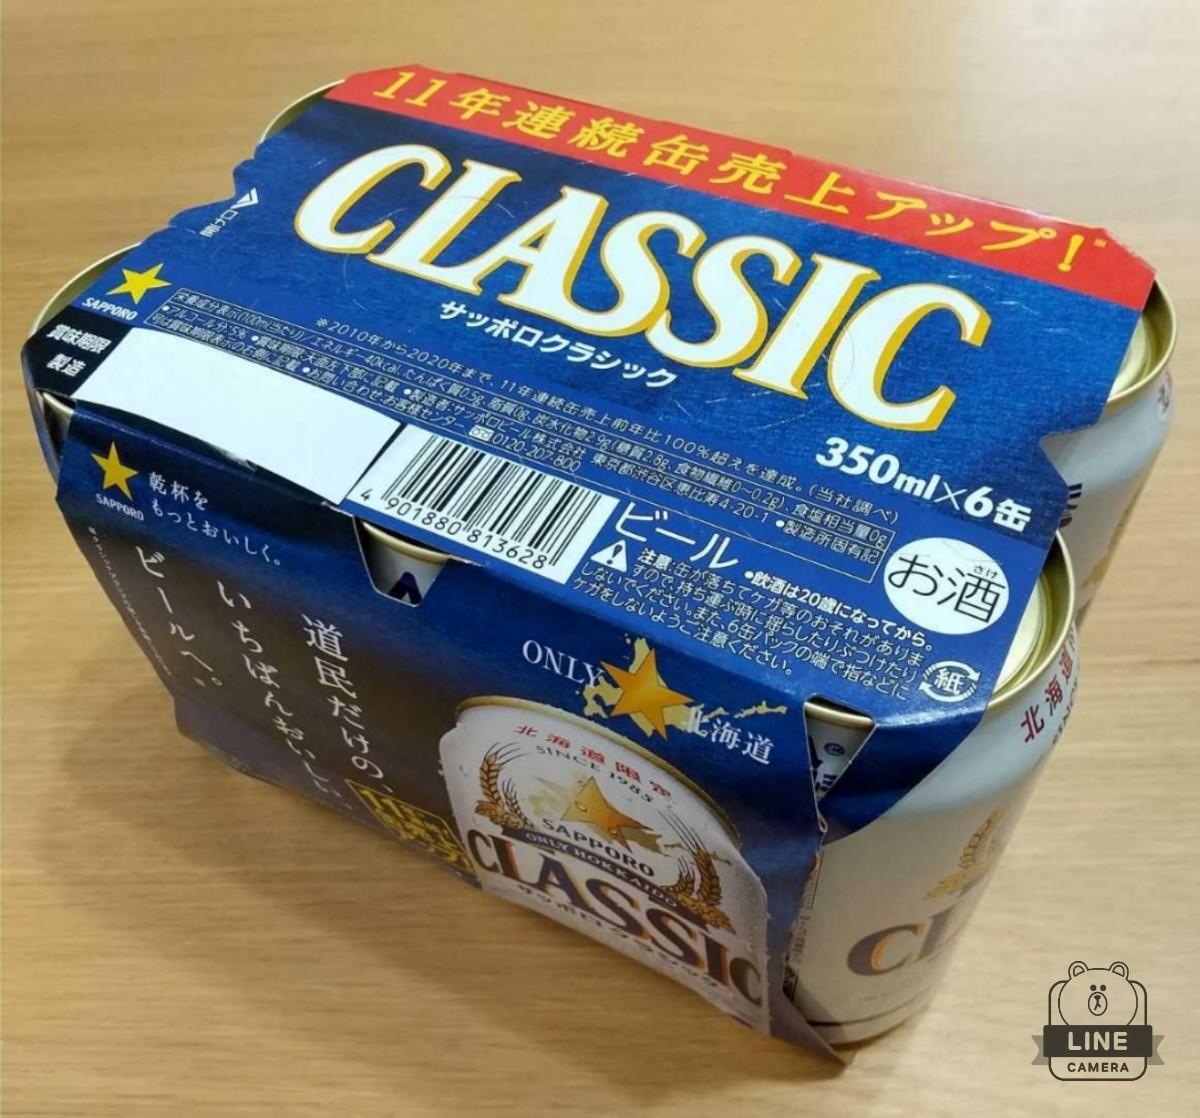 ★ゆうパック発送★サッポロクラシック 6本 北海道限定ビール